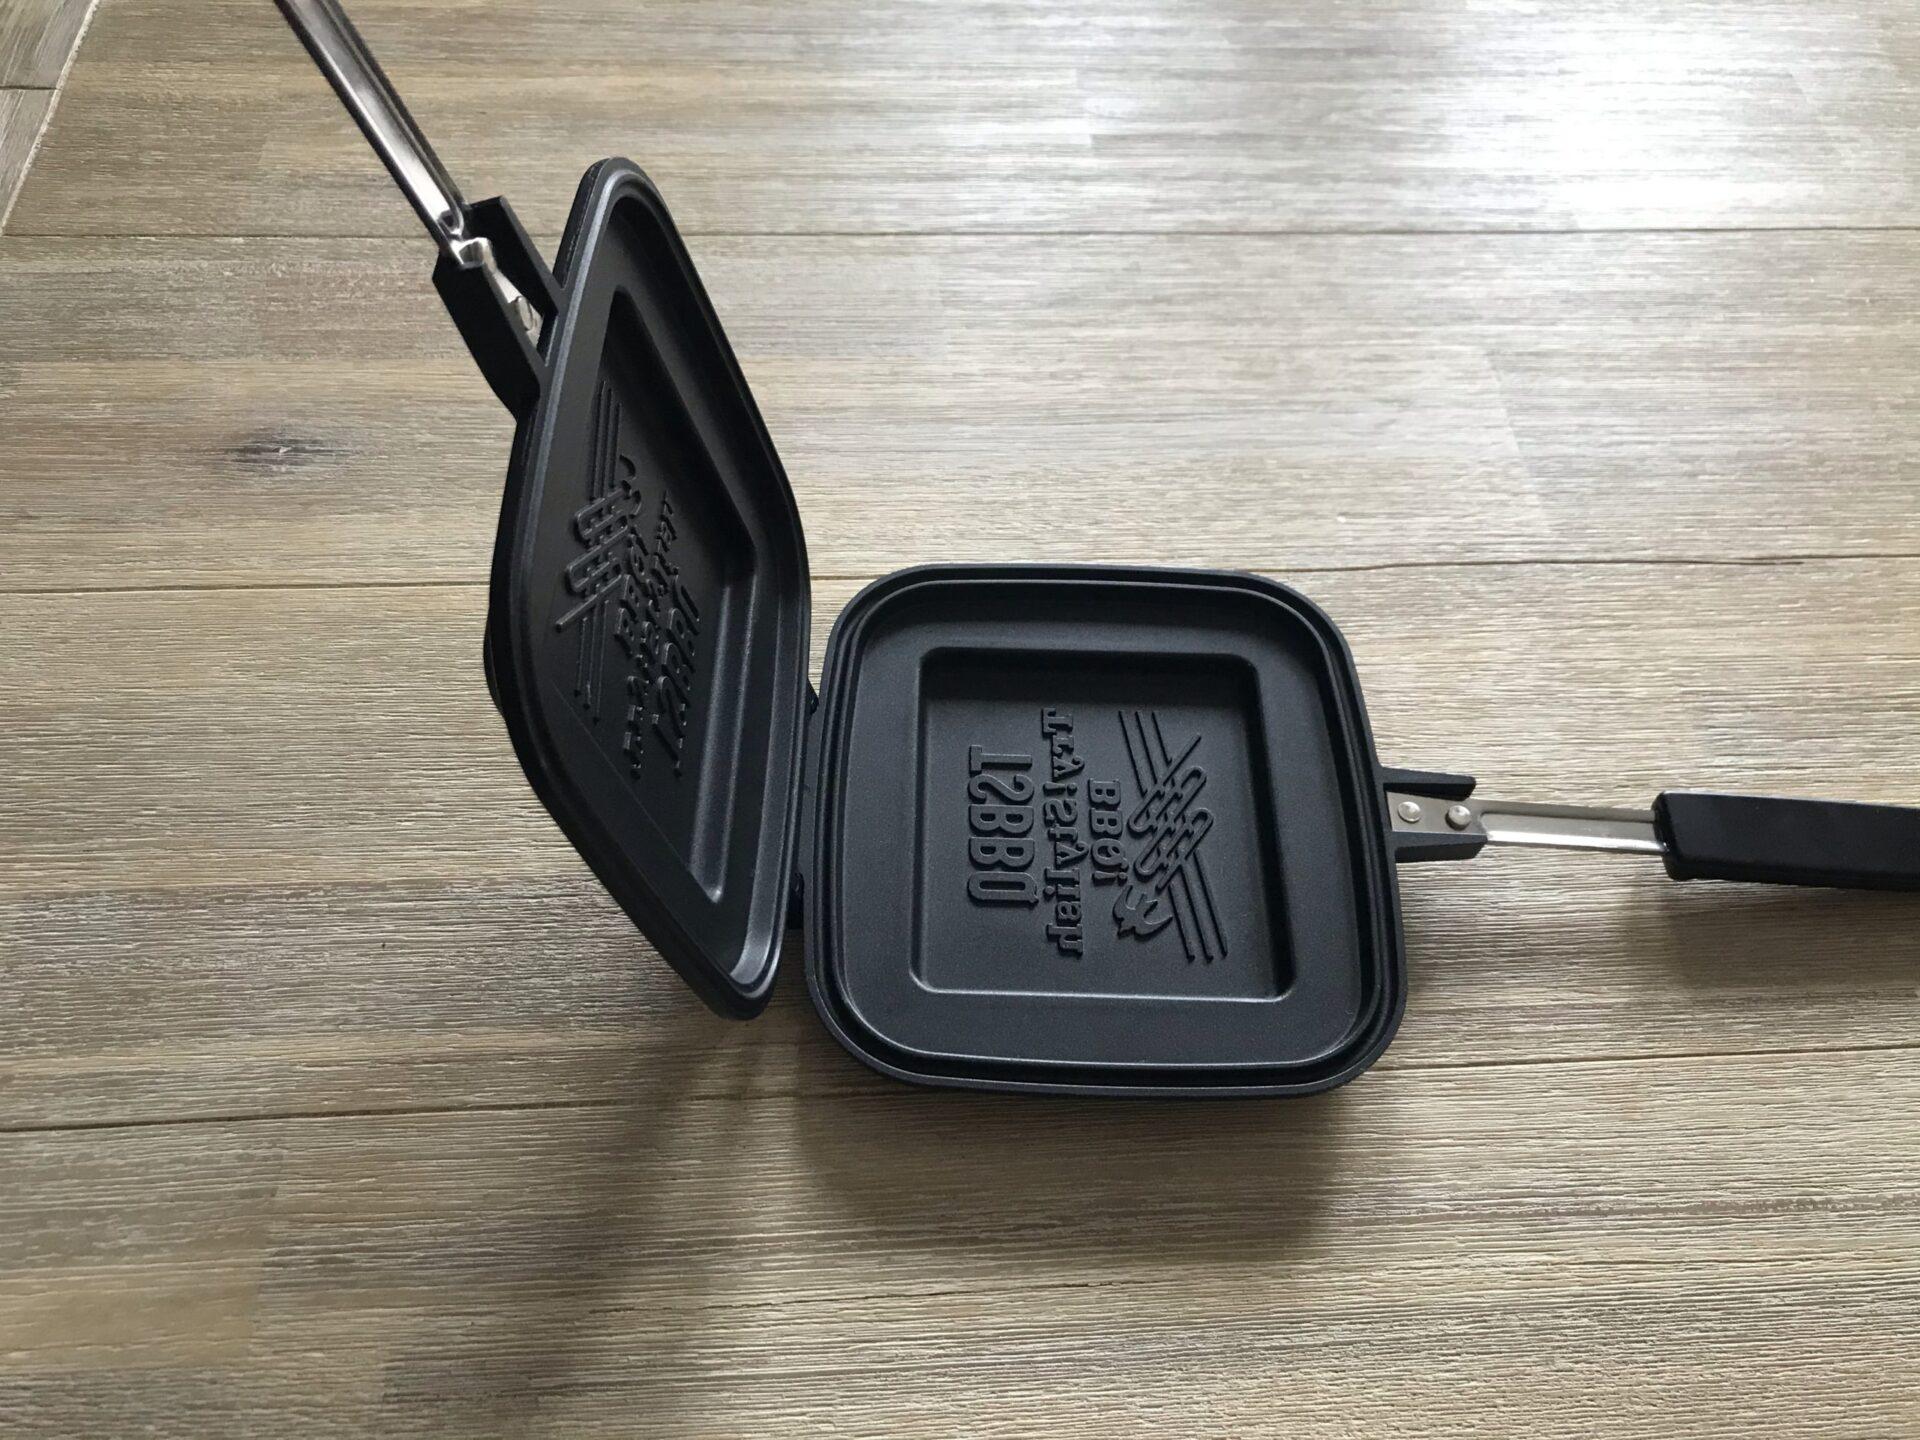 TSBBQのホットサンドメーカ-は90度以上開くので食材の出し入れが簡単